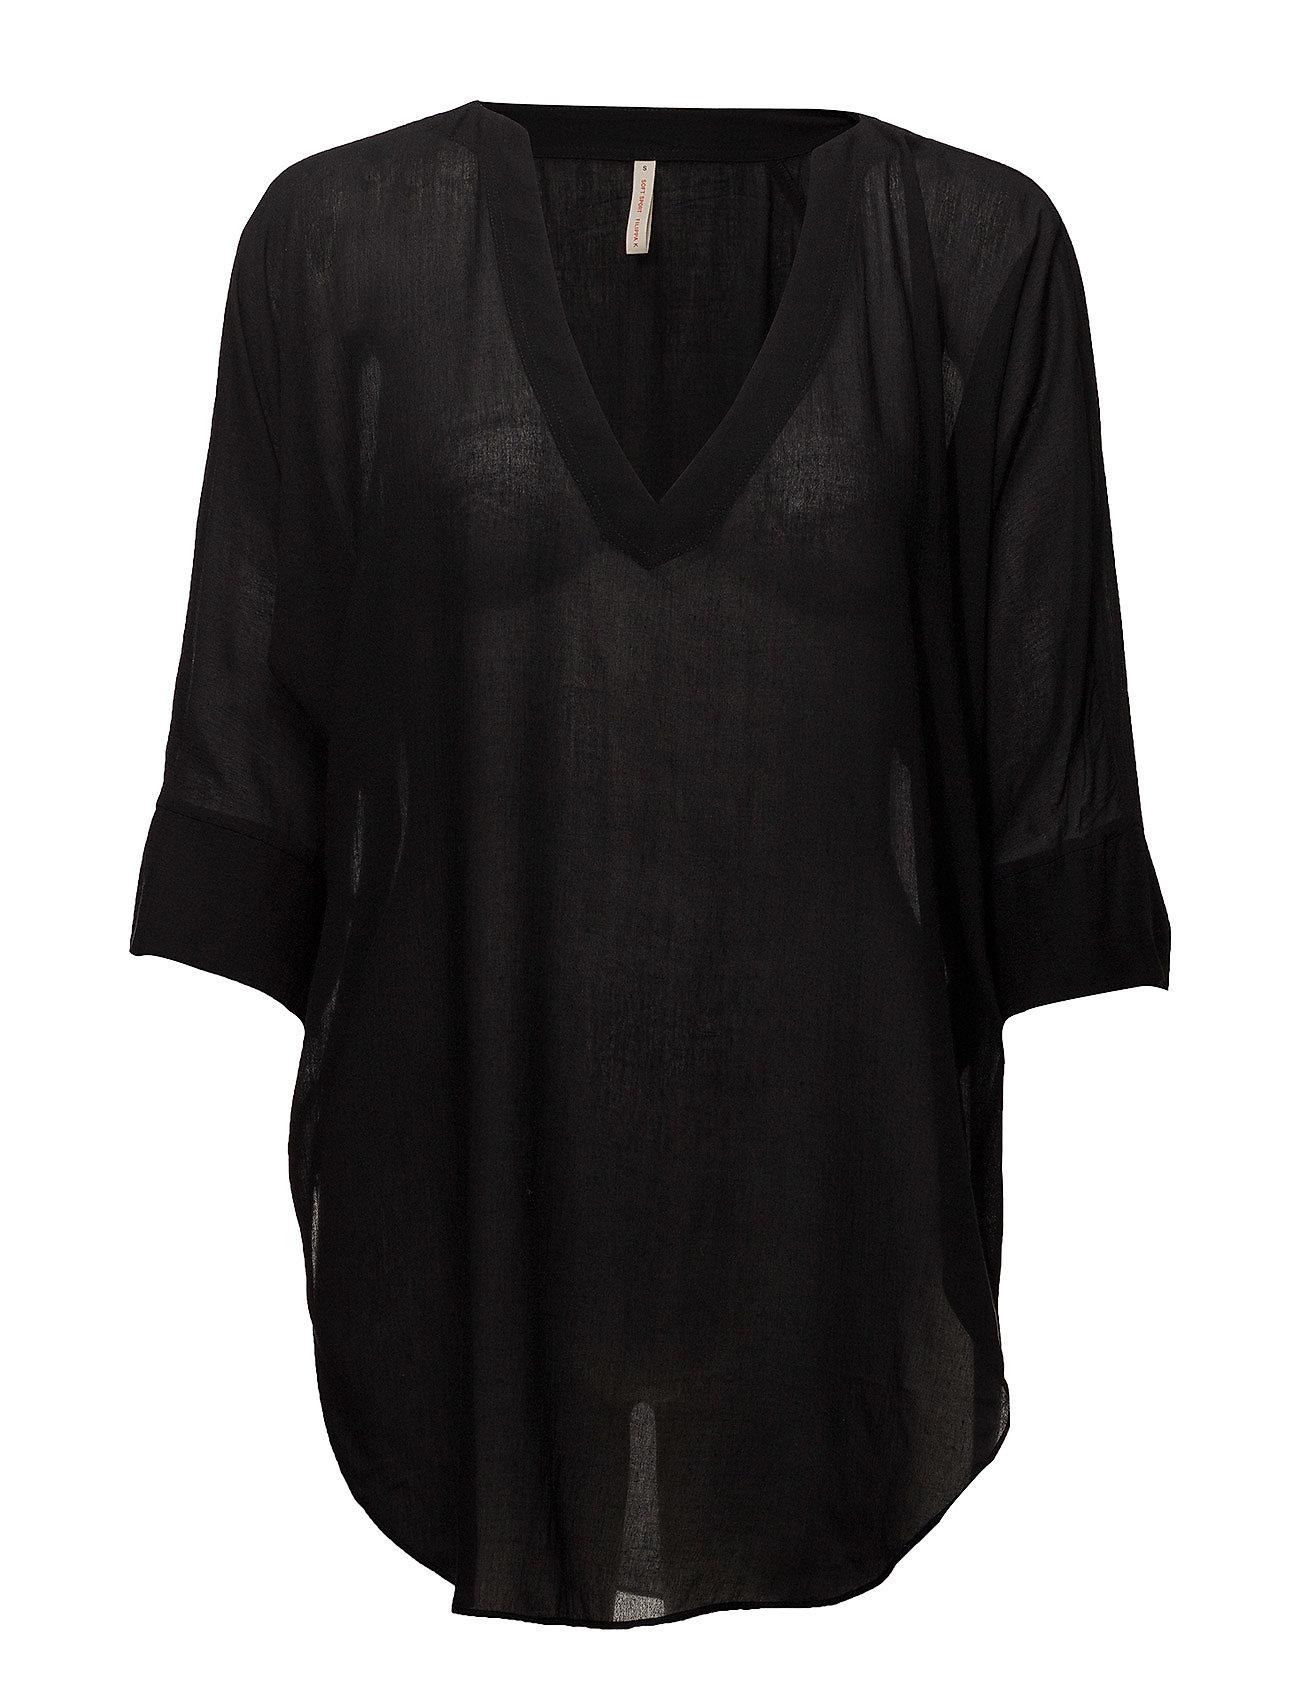 fc490719395 Zoe Tunic Top (Black) (£113.75) - Filippa K Soft Sport - | Boozt.com